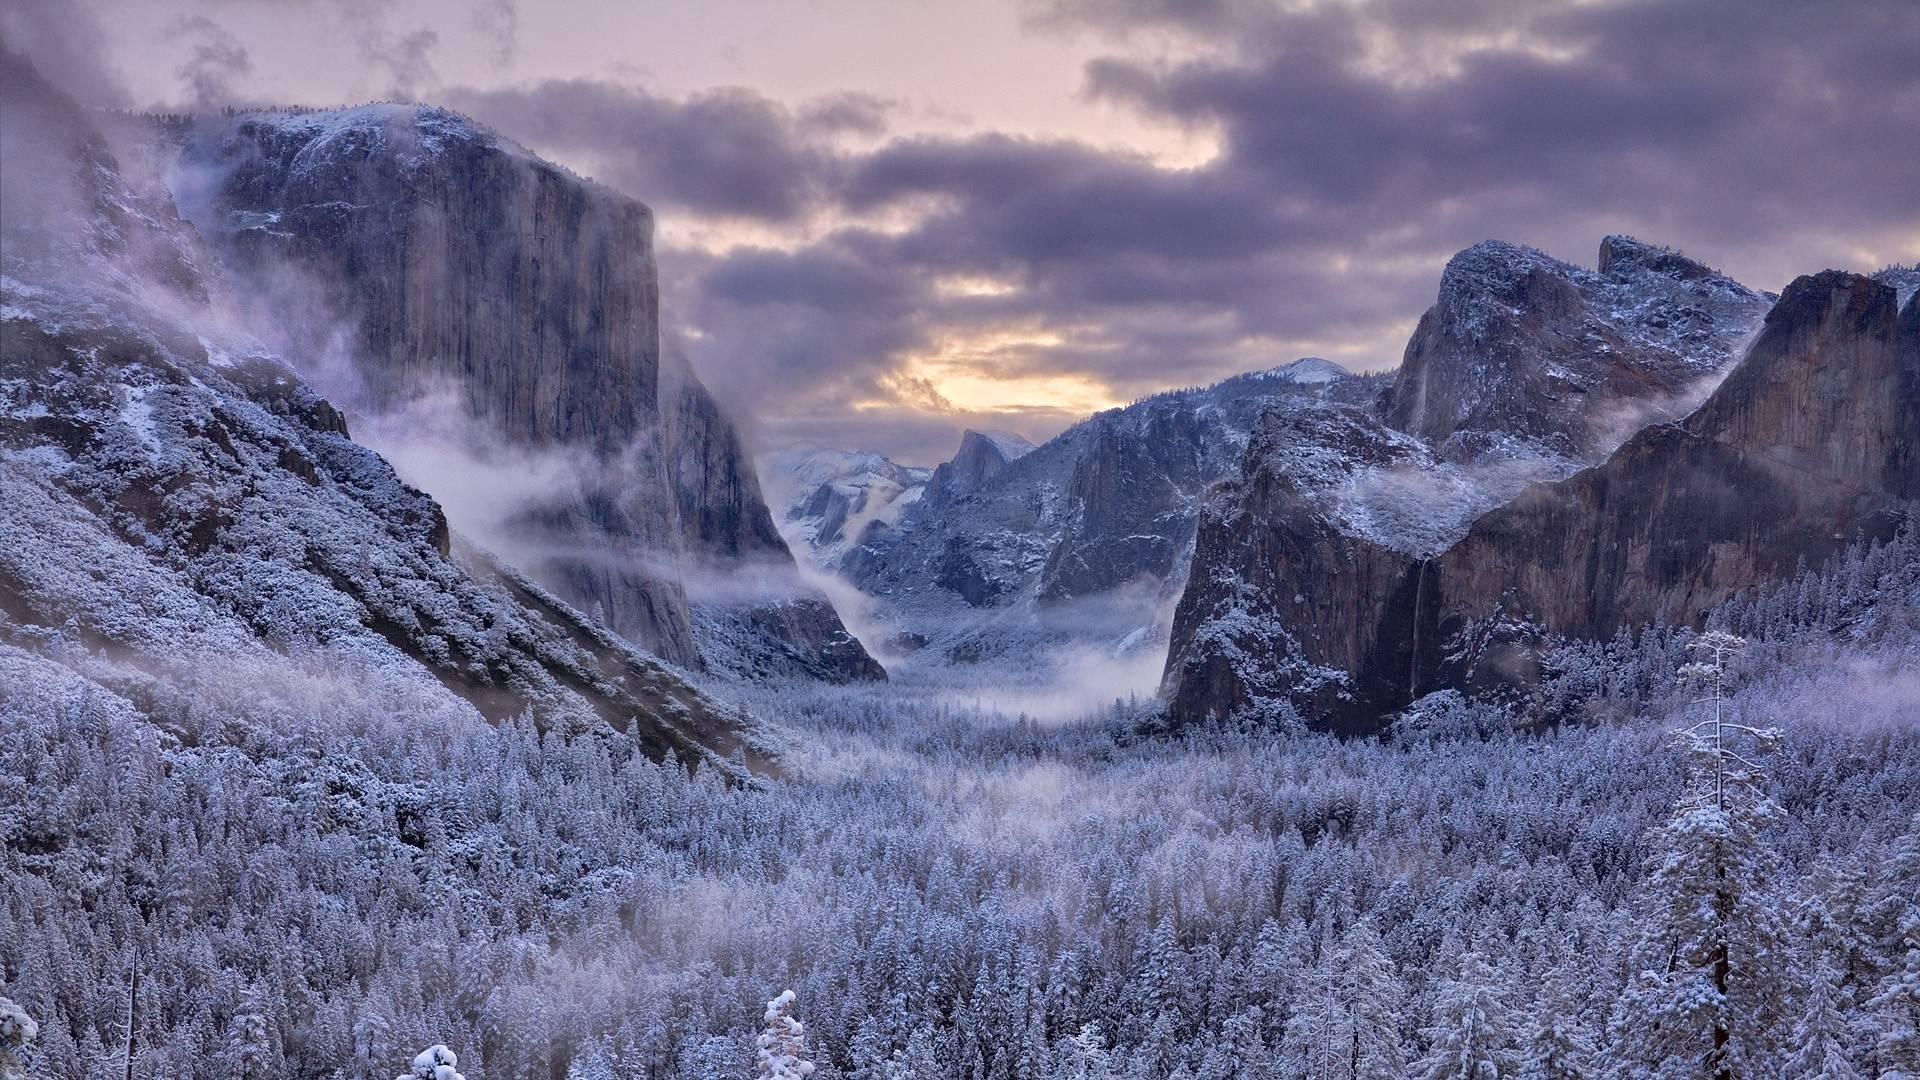 40 Mac Yosemite Hd Wallpaper On Wallpapersafari